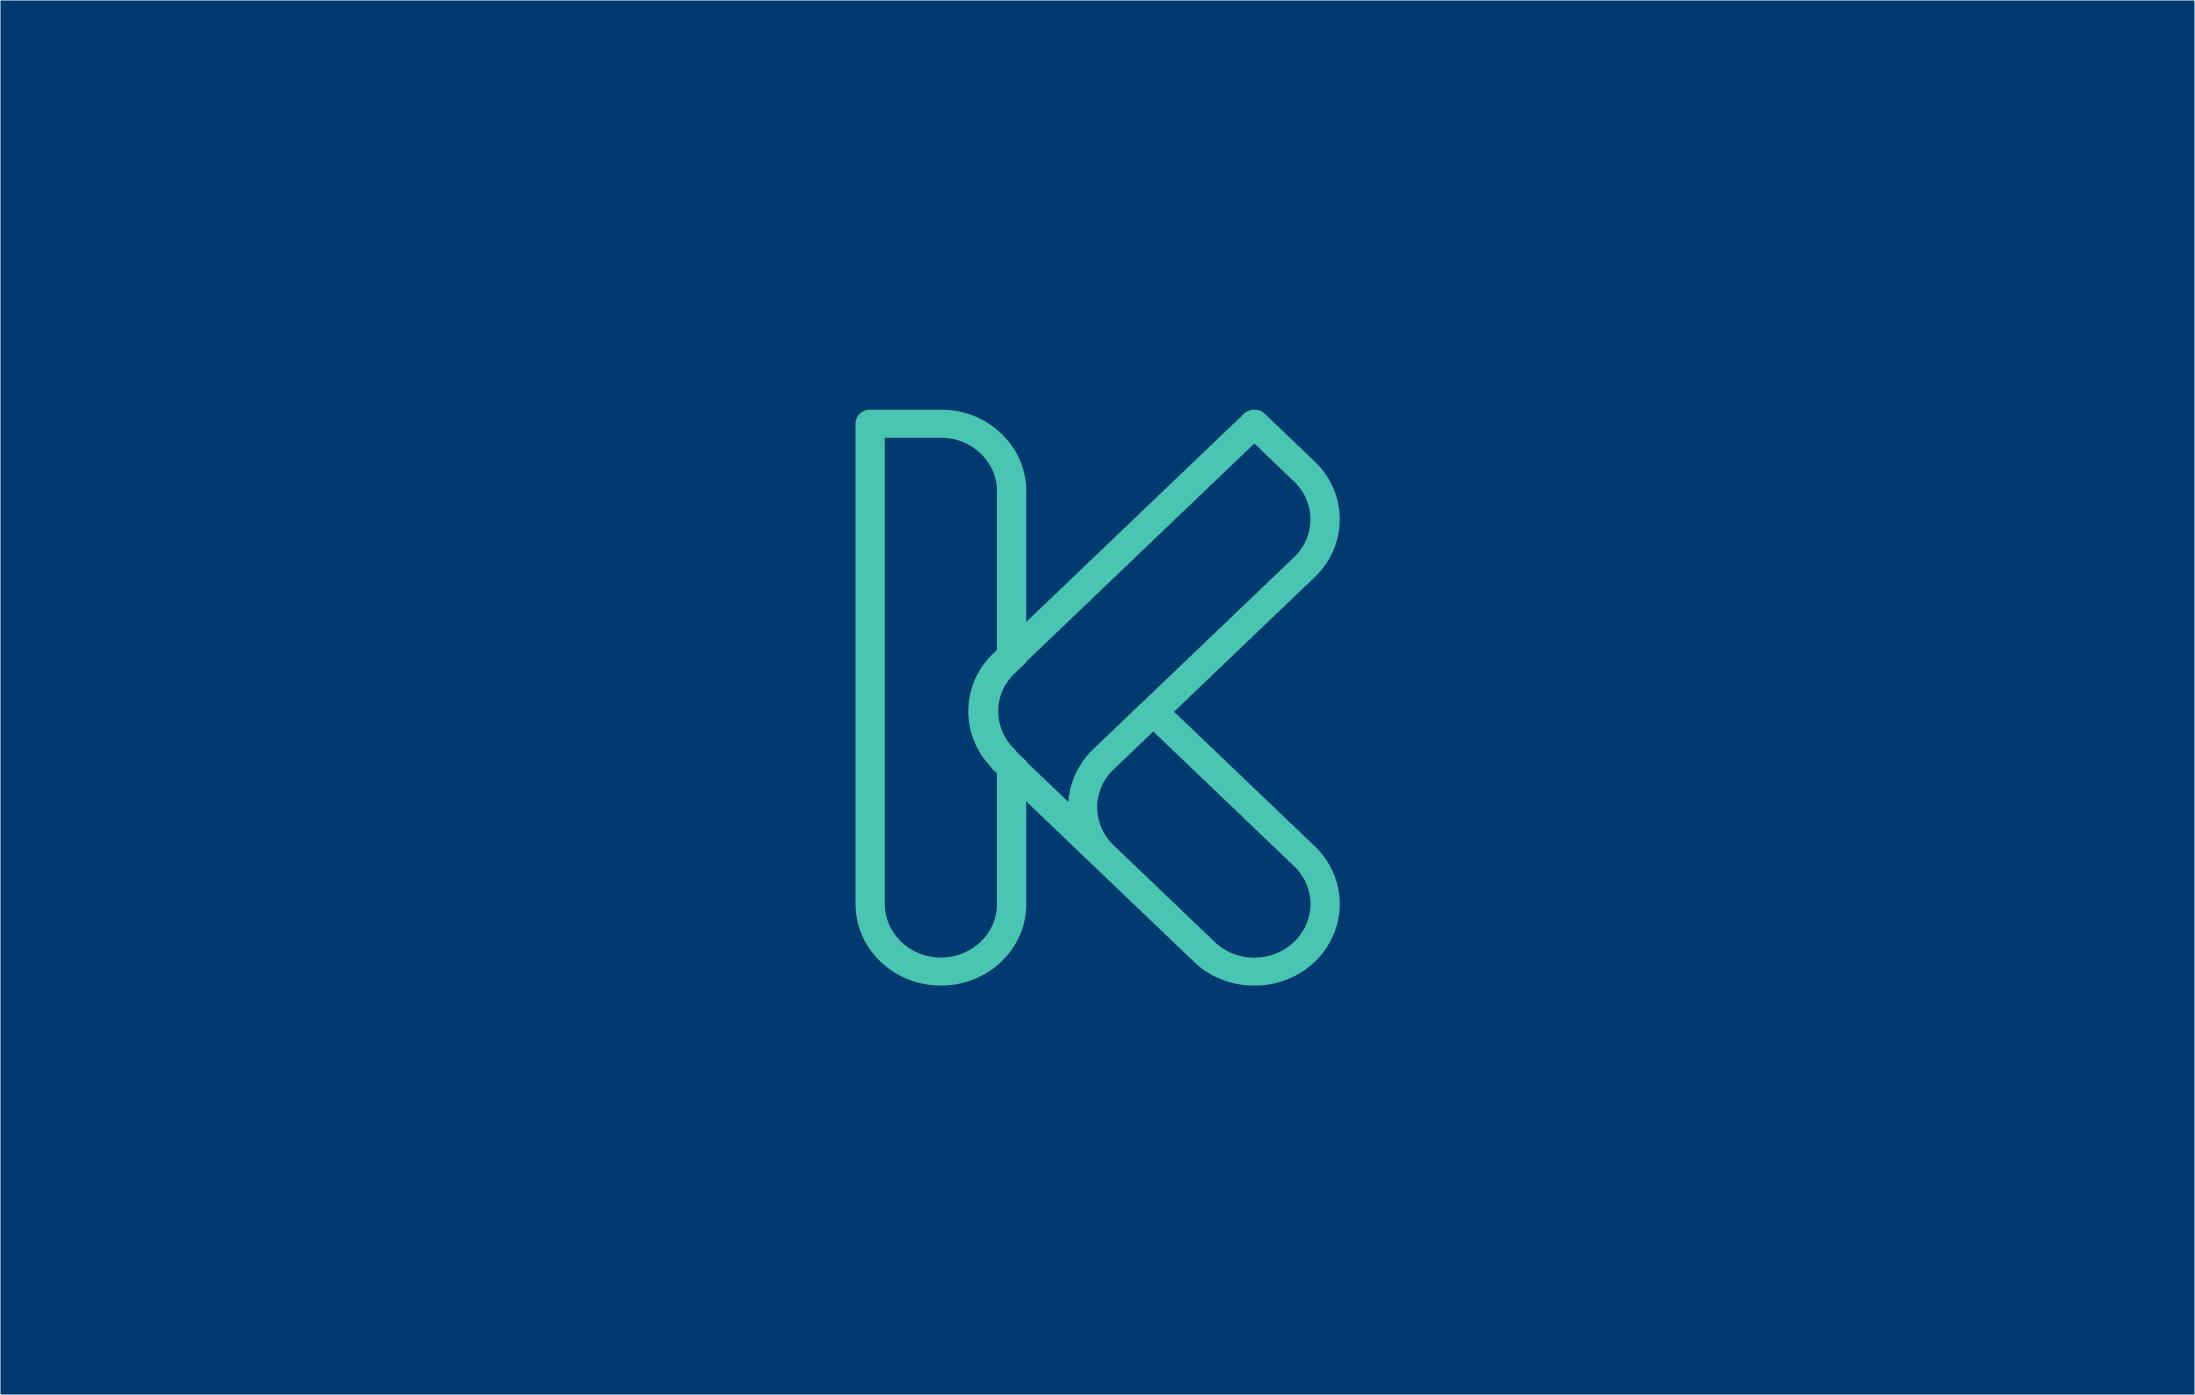 Espakeba - Estudio Rana - Diseño Gráfico y Comunicación